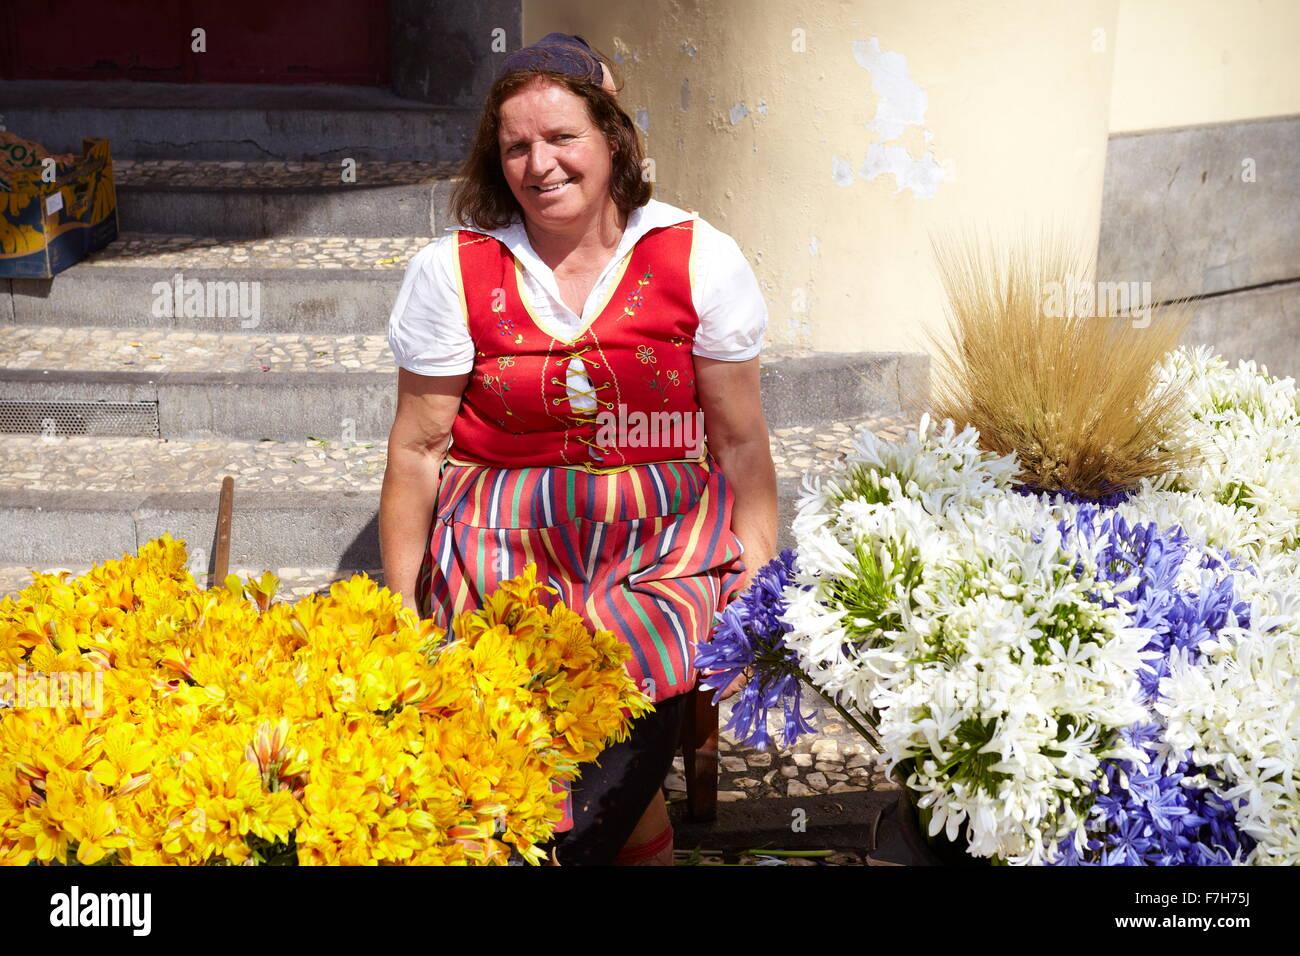 Blumen-Verkäufer im Markt Funchal, Madeira, Portugal Stockfoto